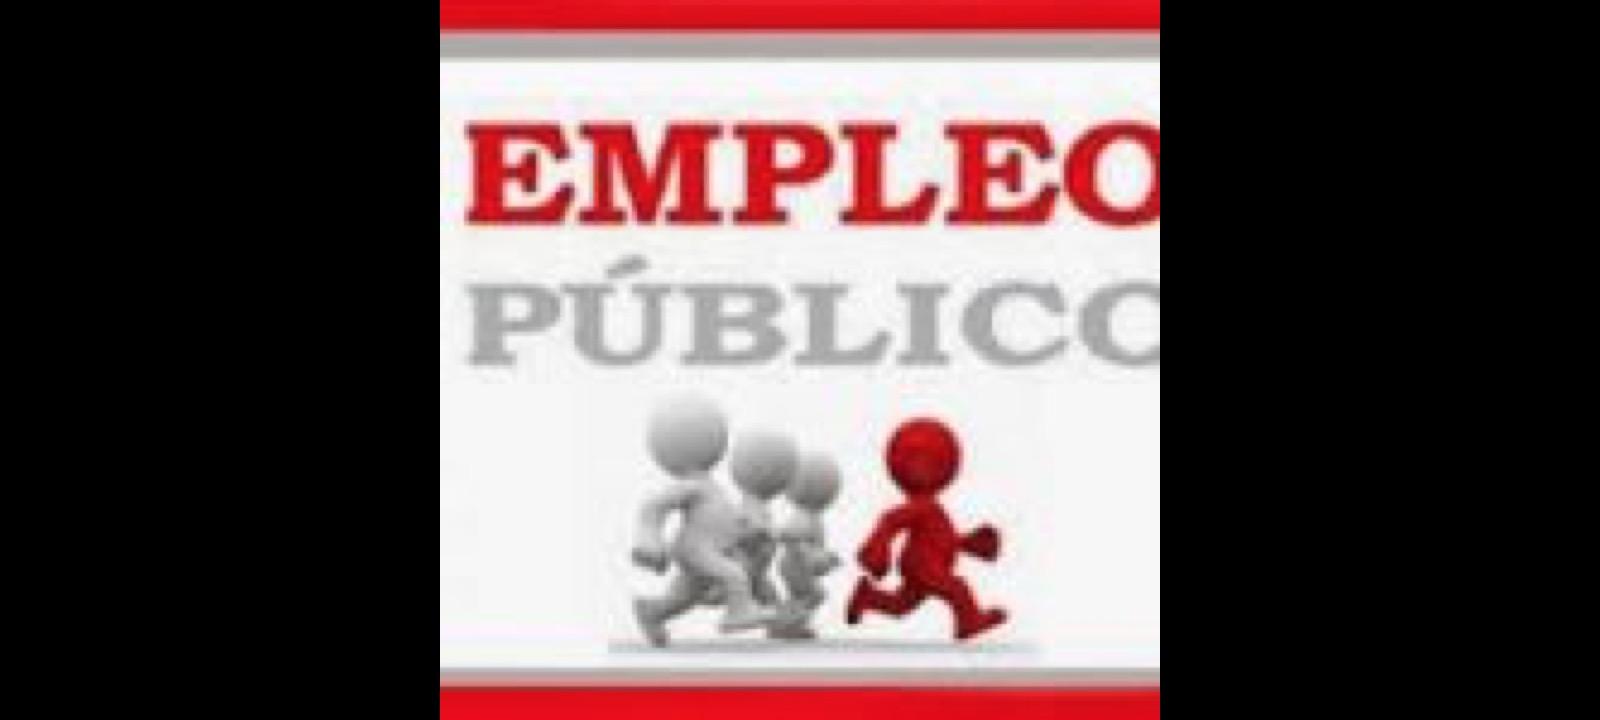 Oferta de Empleo Público de la Administración de la Junta de Comunidades de Castilla-La Mancha para el año 2017.